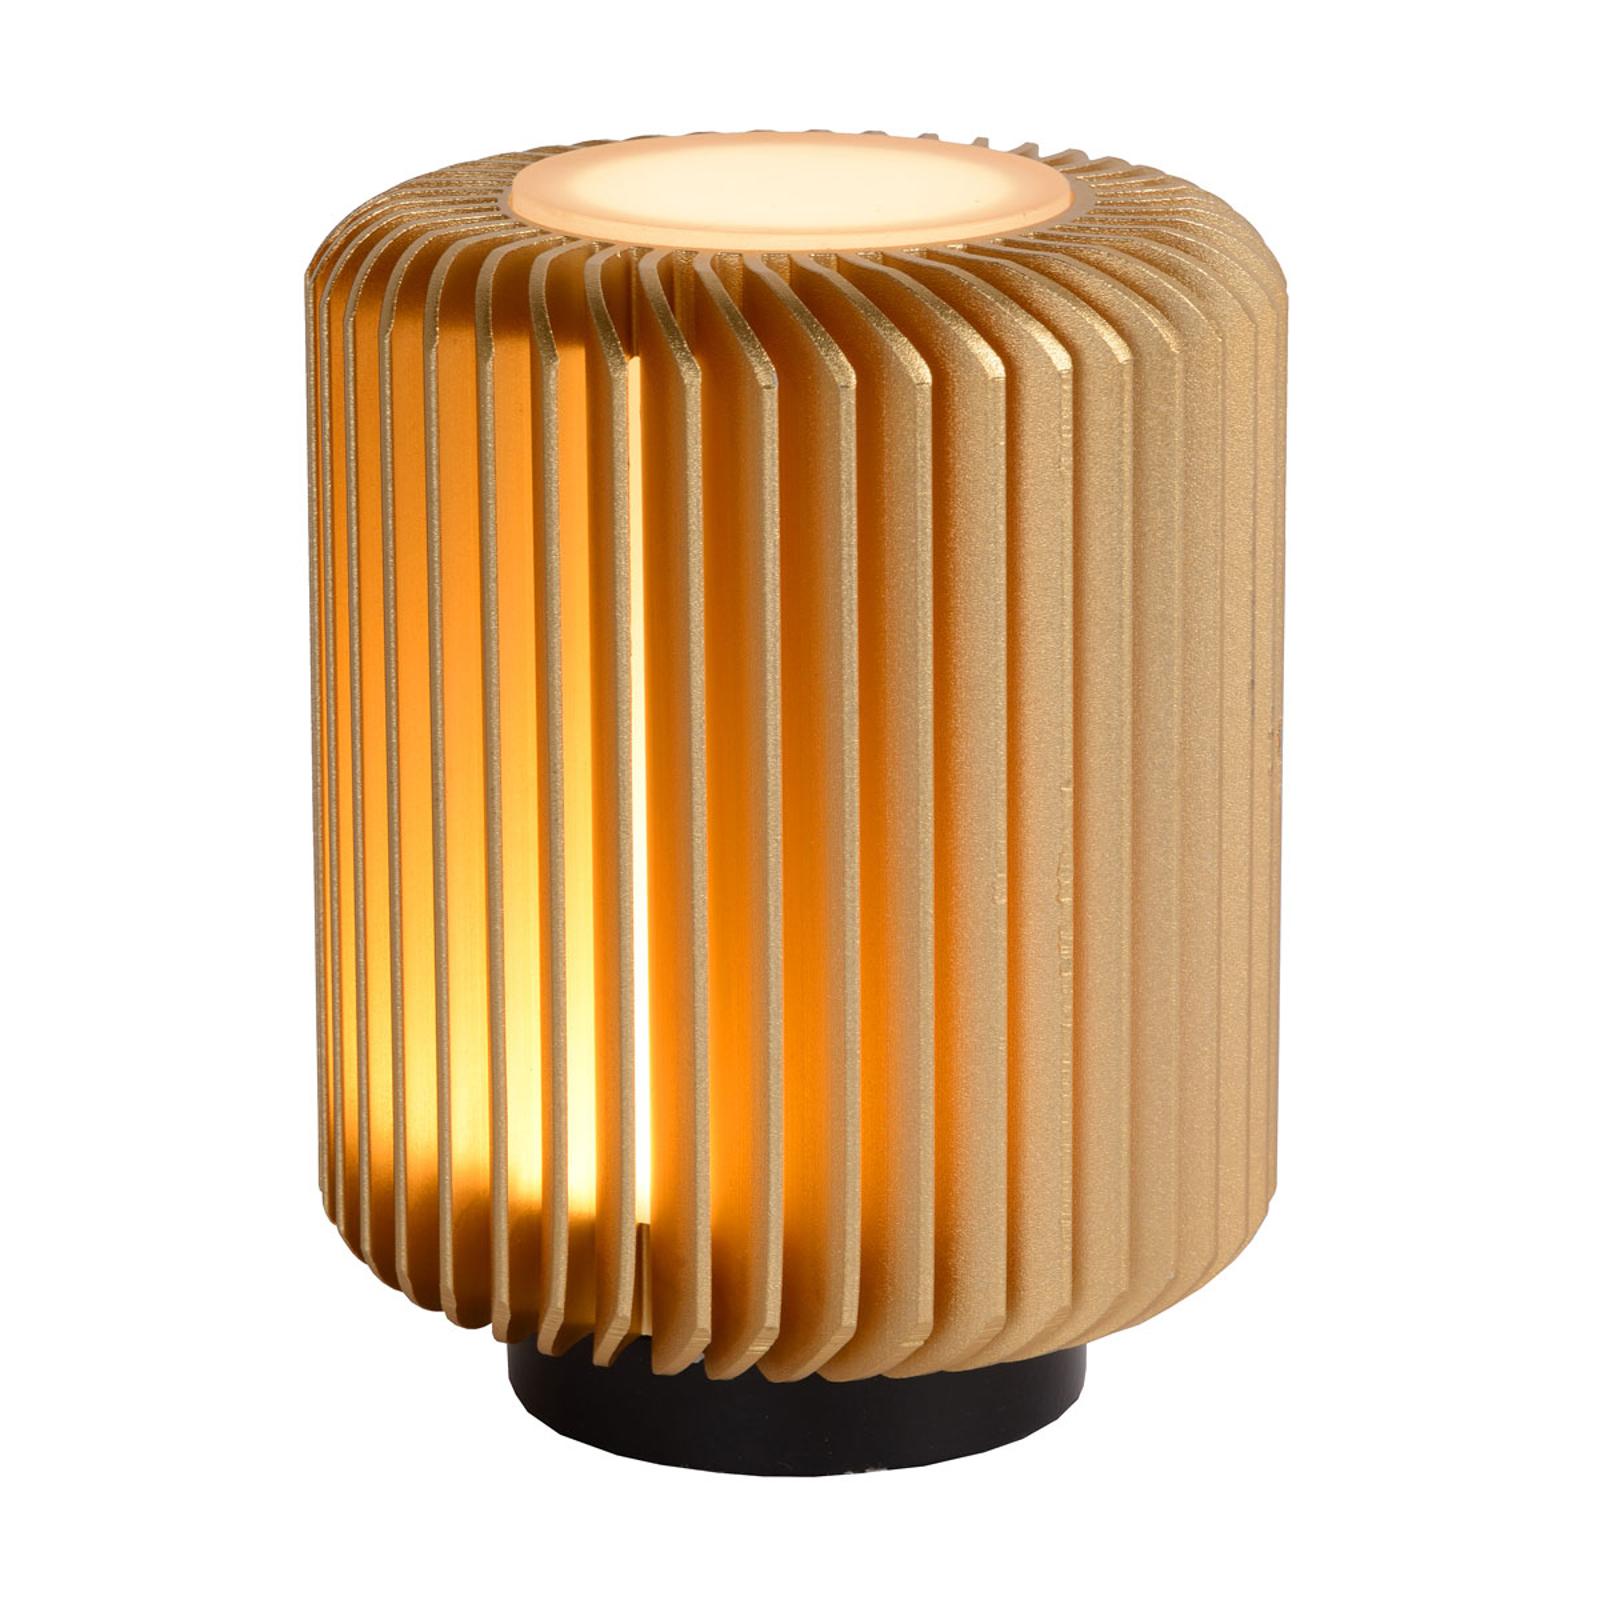 LED-pöytälamppu Turbin, kulta